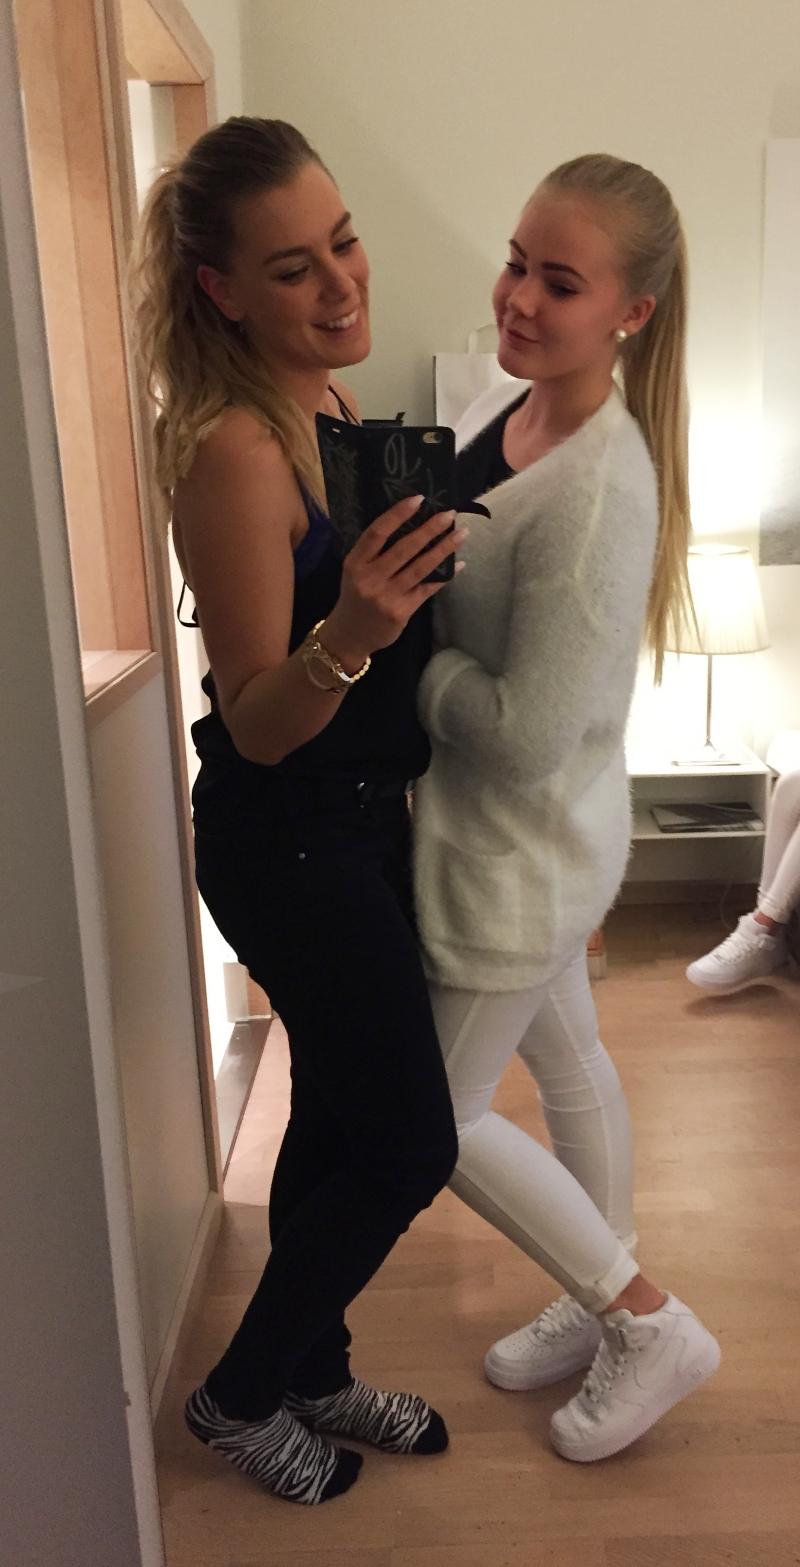 clarion selfie